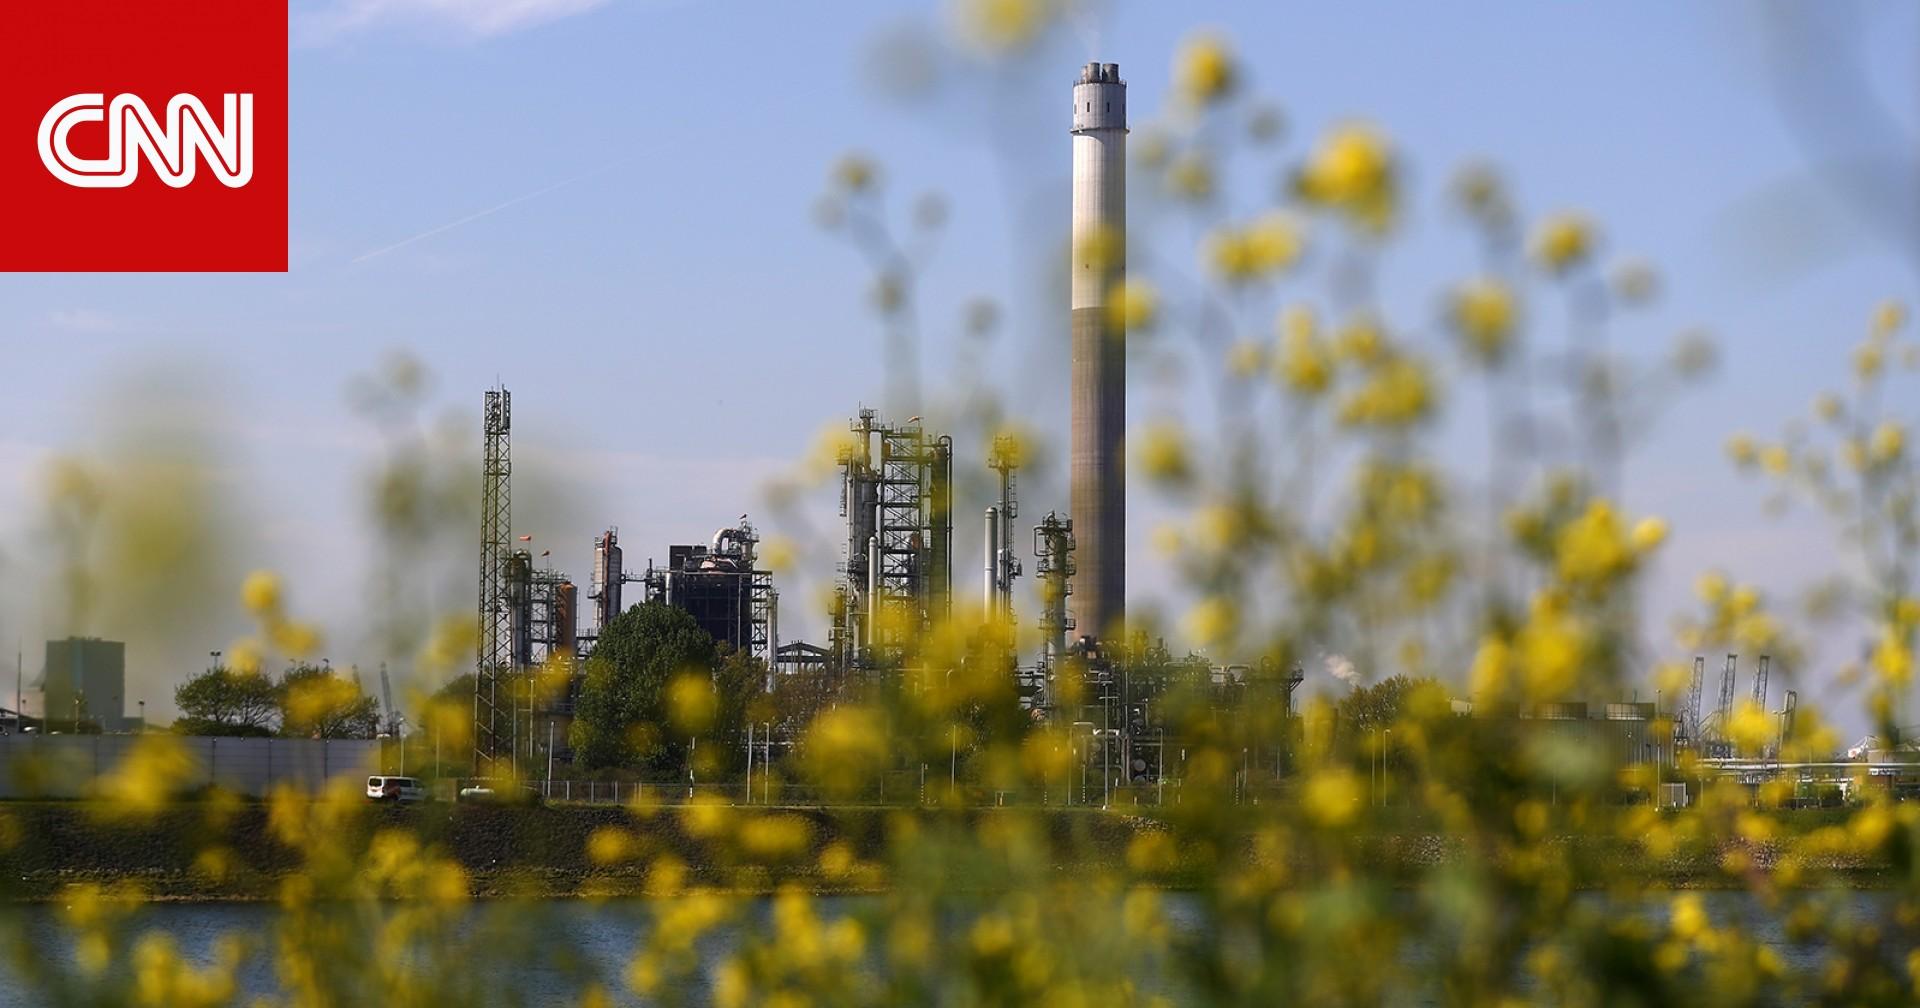 مع تأثير كورونا على طلب النفط .. BP تحذر من خفض قيمة أصولها بـ17.5 مليار دولار